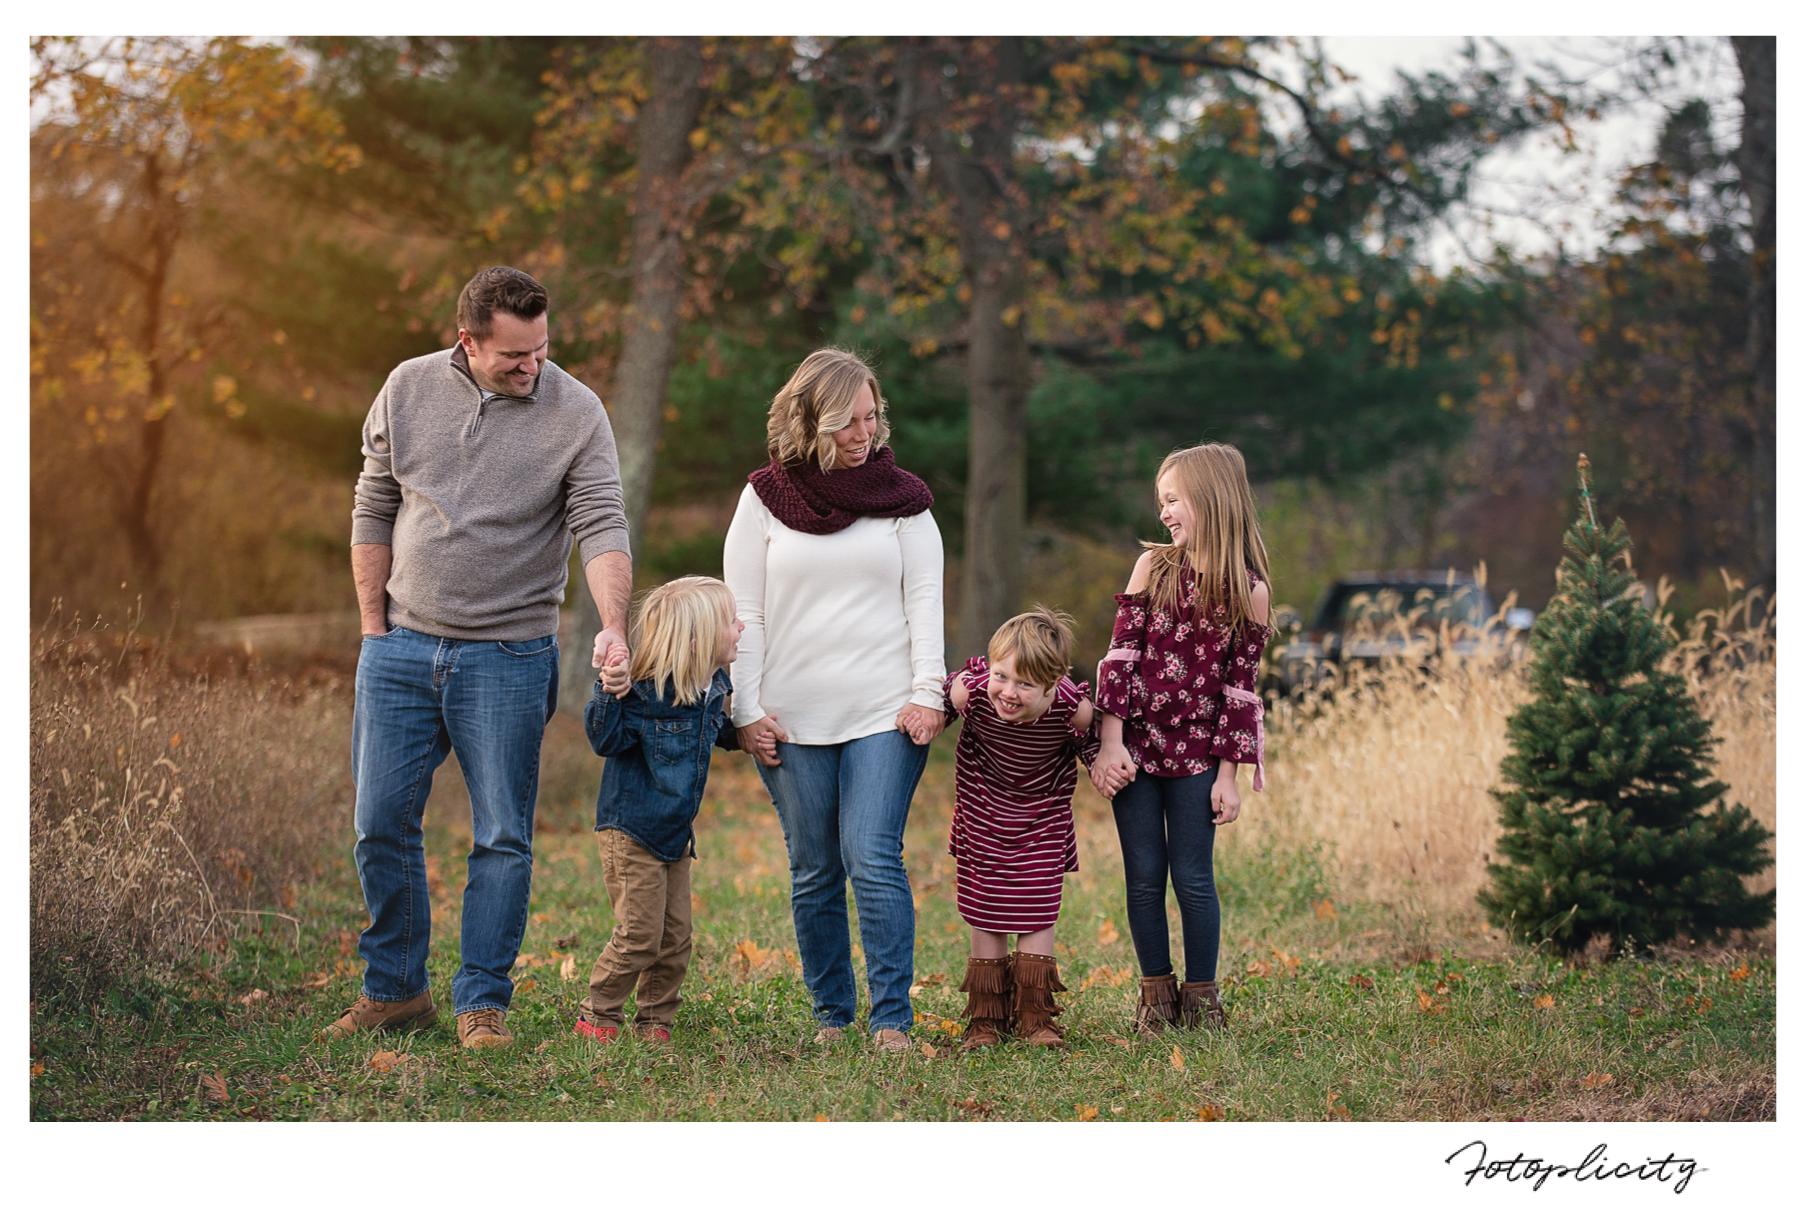 Family walking in field by Fotoplicity